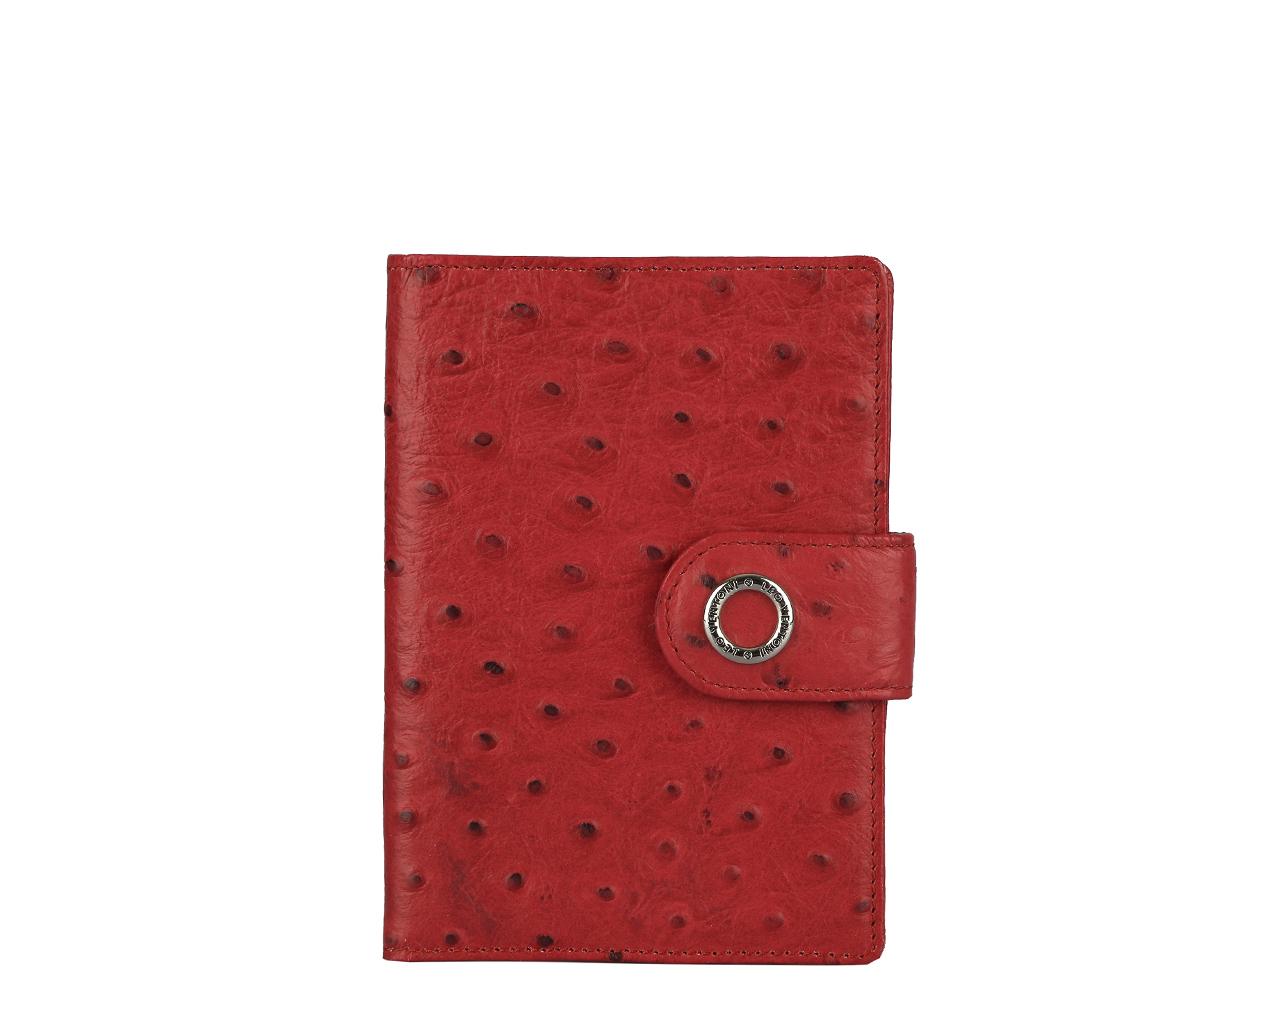 Обложка для паспорта женская Leo Ventoni, цвет: красный. L330414L330414-rossoСтильная обложка для паспорта Leo Ventoni выполнена из натуральной кожи с декоративным тиснением под кожу страуса, дополнена металлической фурнитурой с символикой бренда. Изделие раскладывается пополам и закрывается хлястиком на кнопку. Внутри размещены два накладных кармана для паспорта и четыре кармана для кредитных карт. Изделие поставляется в фирменной упаковке. Оригинальная обложка для документов Leo Ventoni станет отличным подарком для человека, ценящего качественные и практичные вещи.